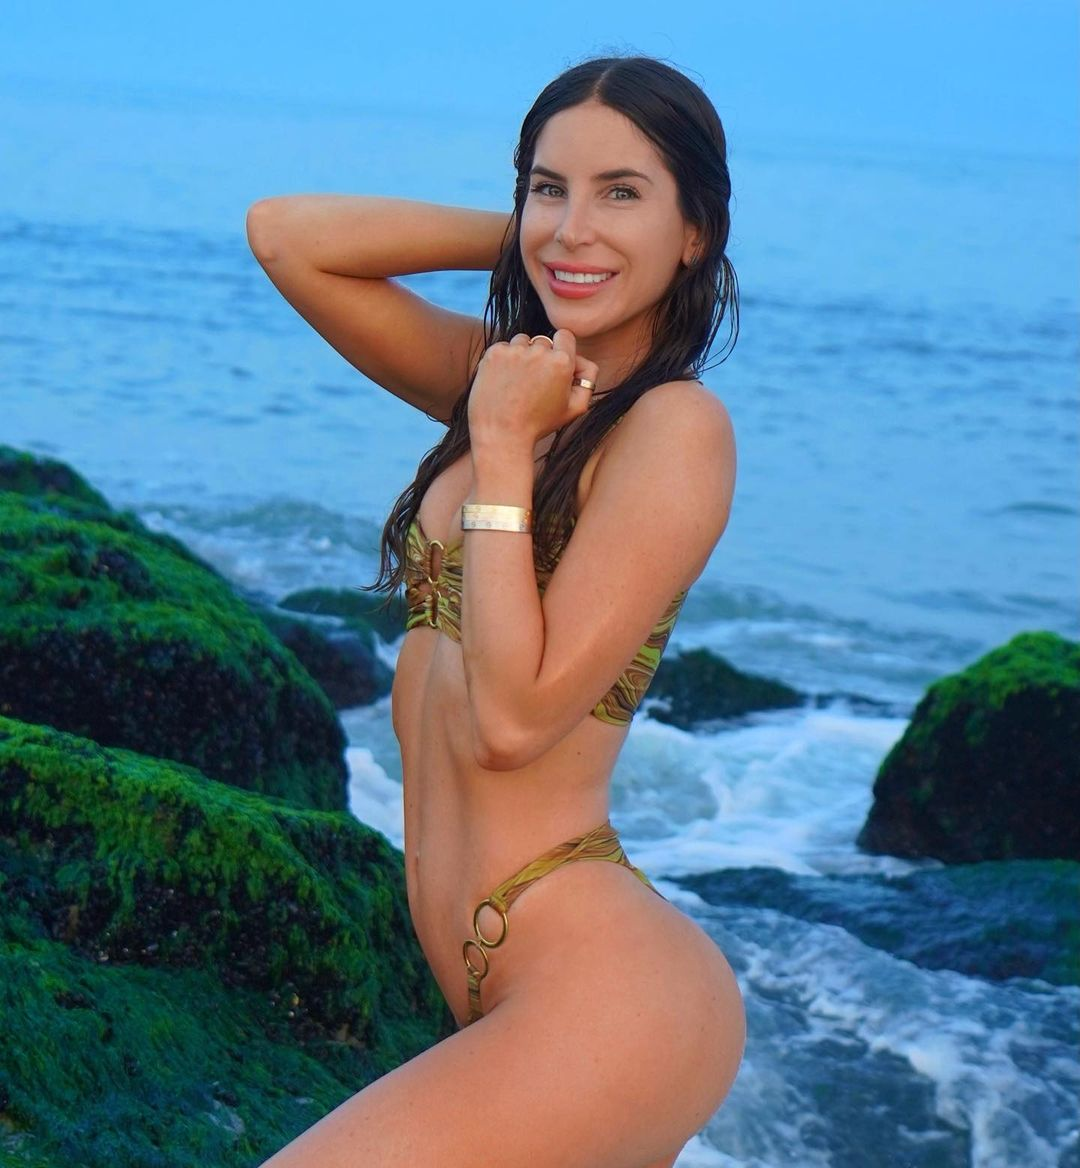 FOTOS ¡Jen Selter dice que cada atleta que se desliza en sus DMs tiene una esposa o novia!